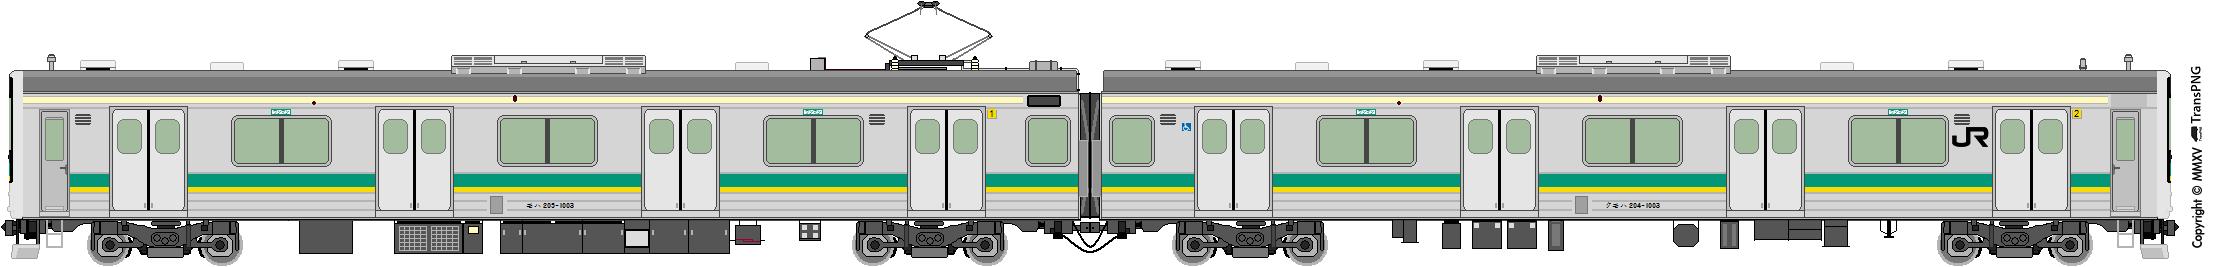 [5049] 東日本旅客鉄道 5049